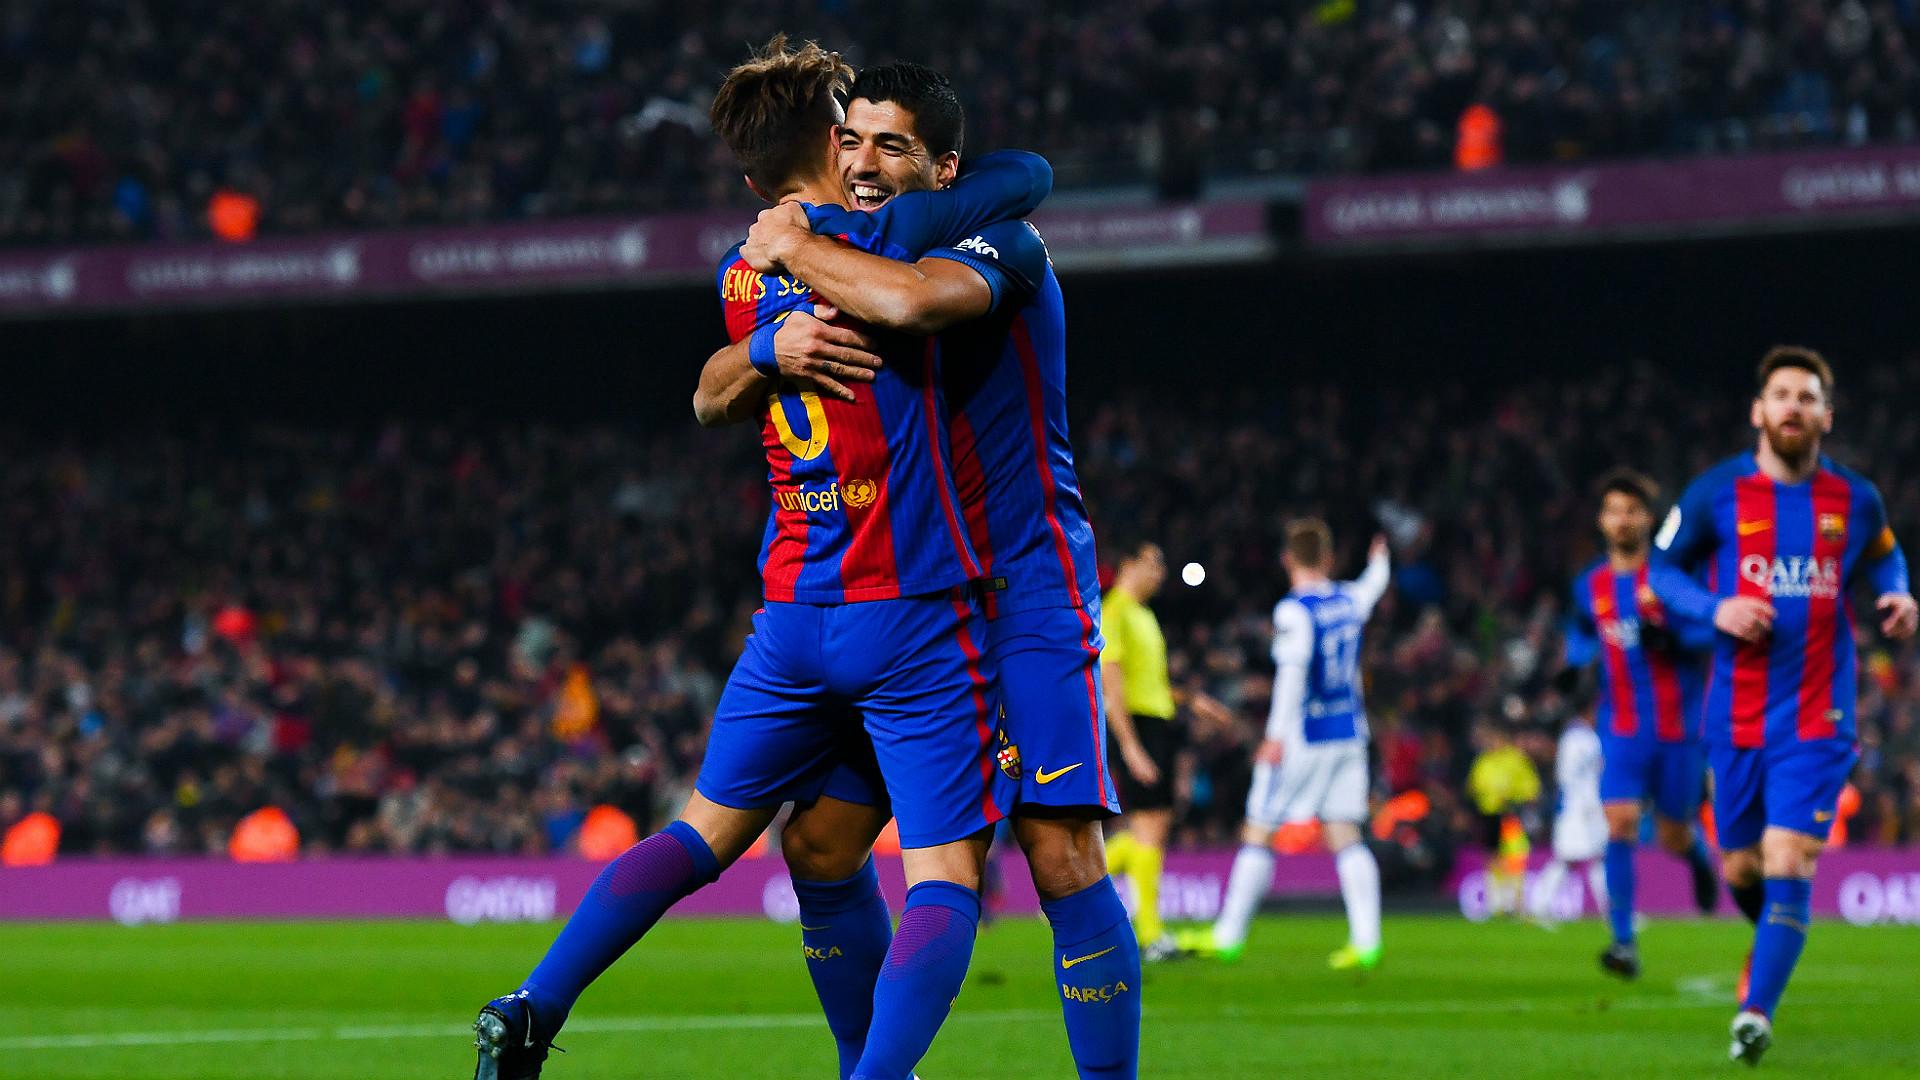 Denis Suarez Luis Suarez Barcelona Real Sociedad Copa del Rey 26012017